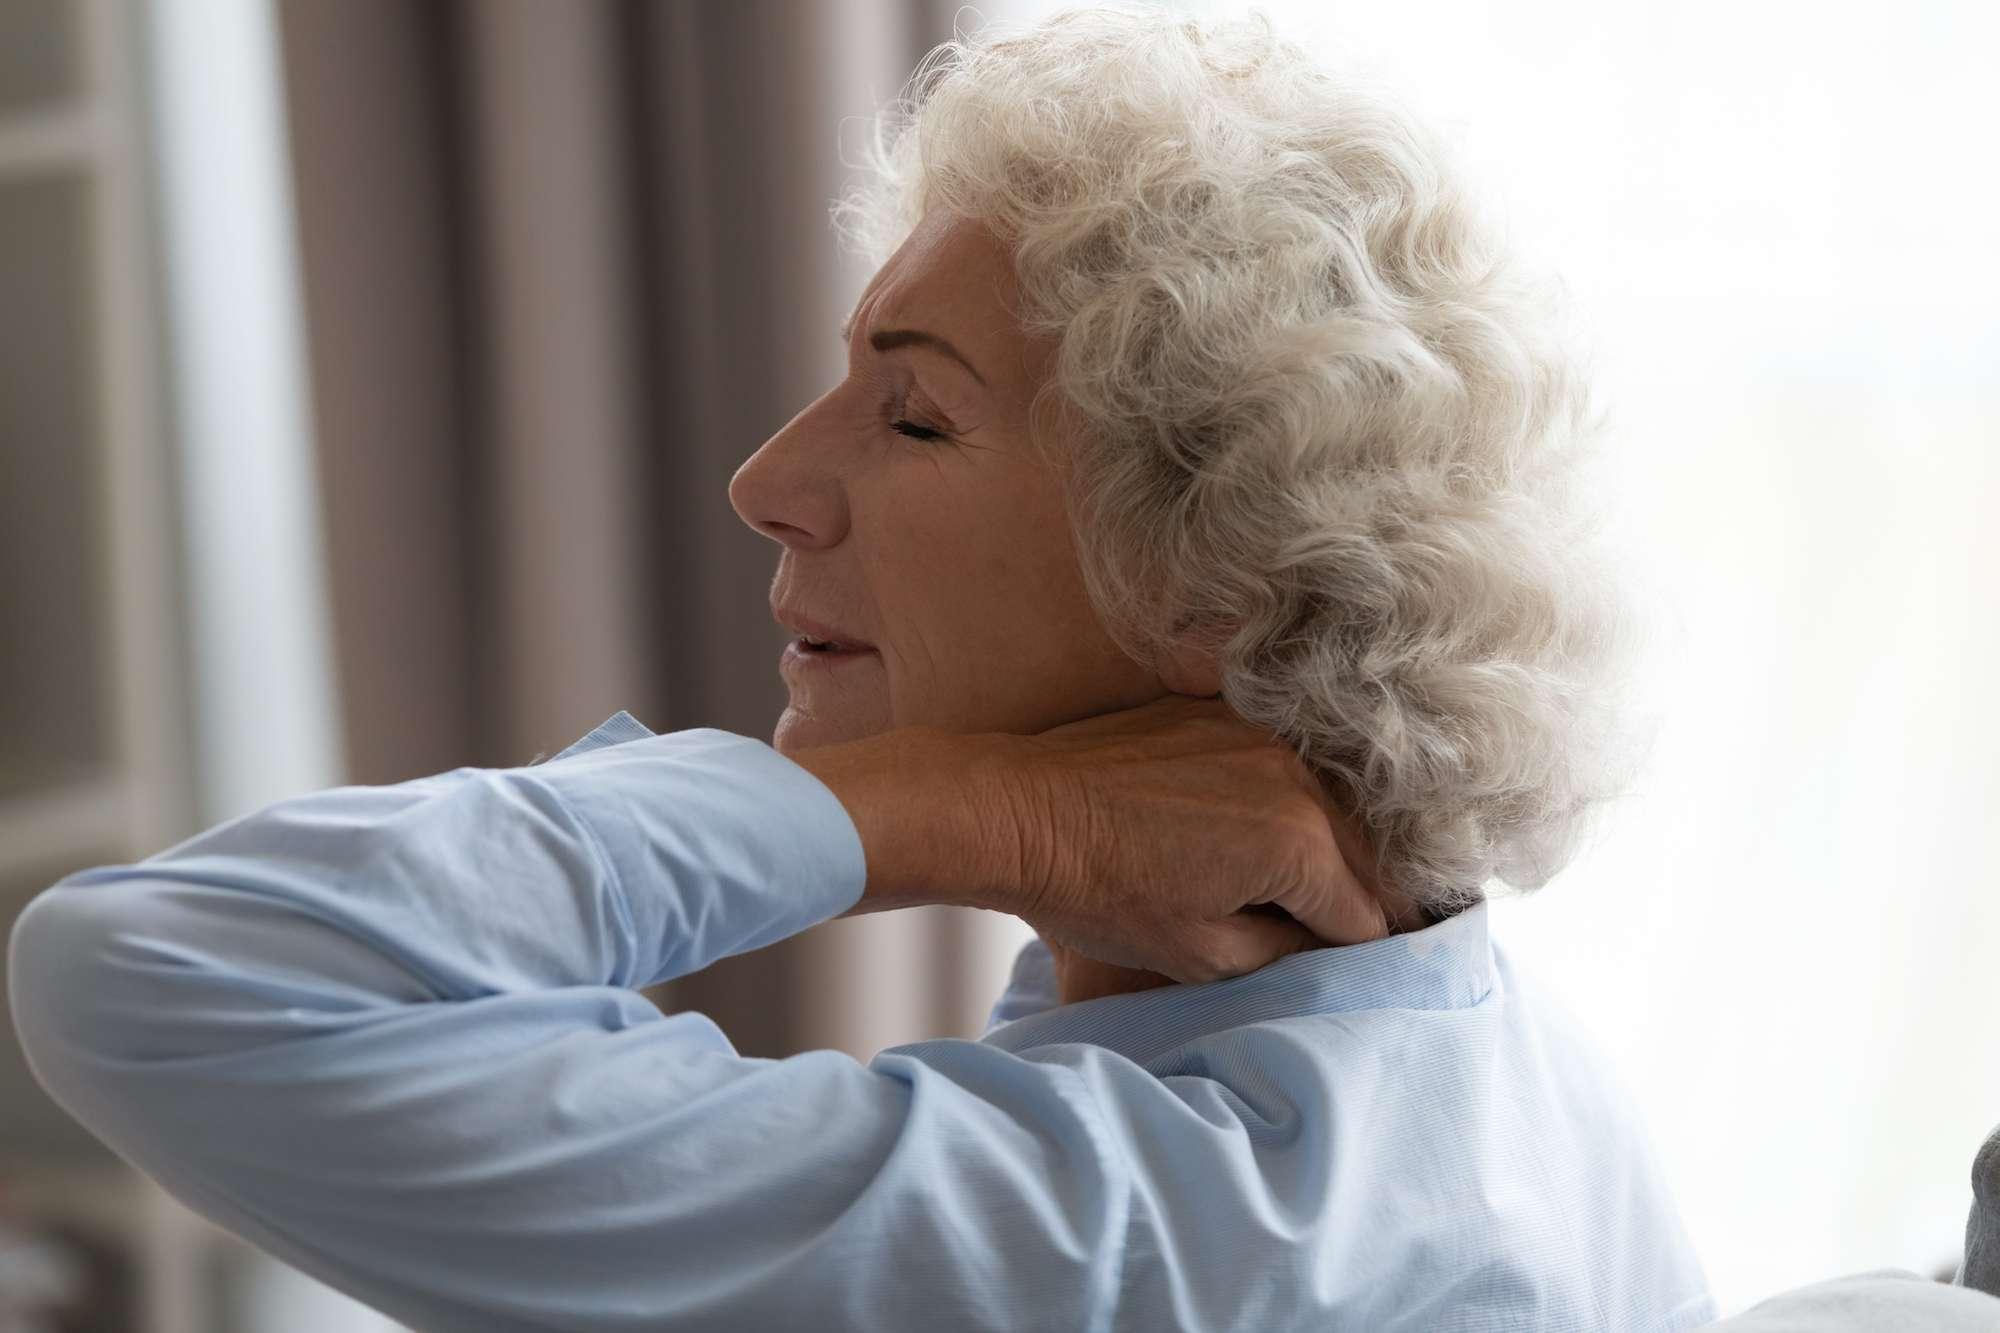 Woman rubbing her neck in discomfort